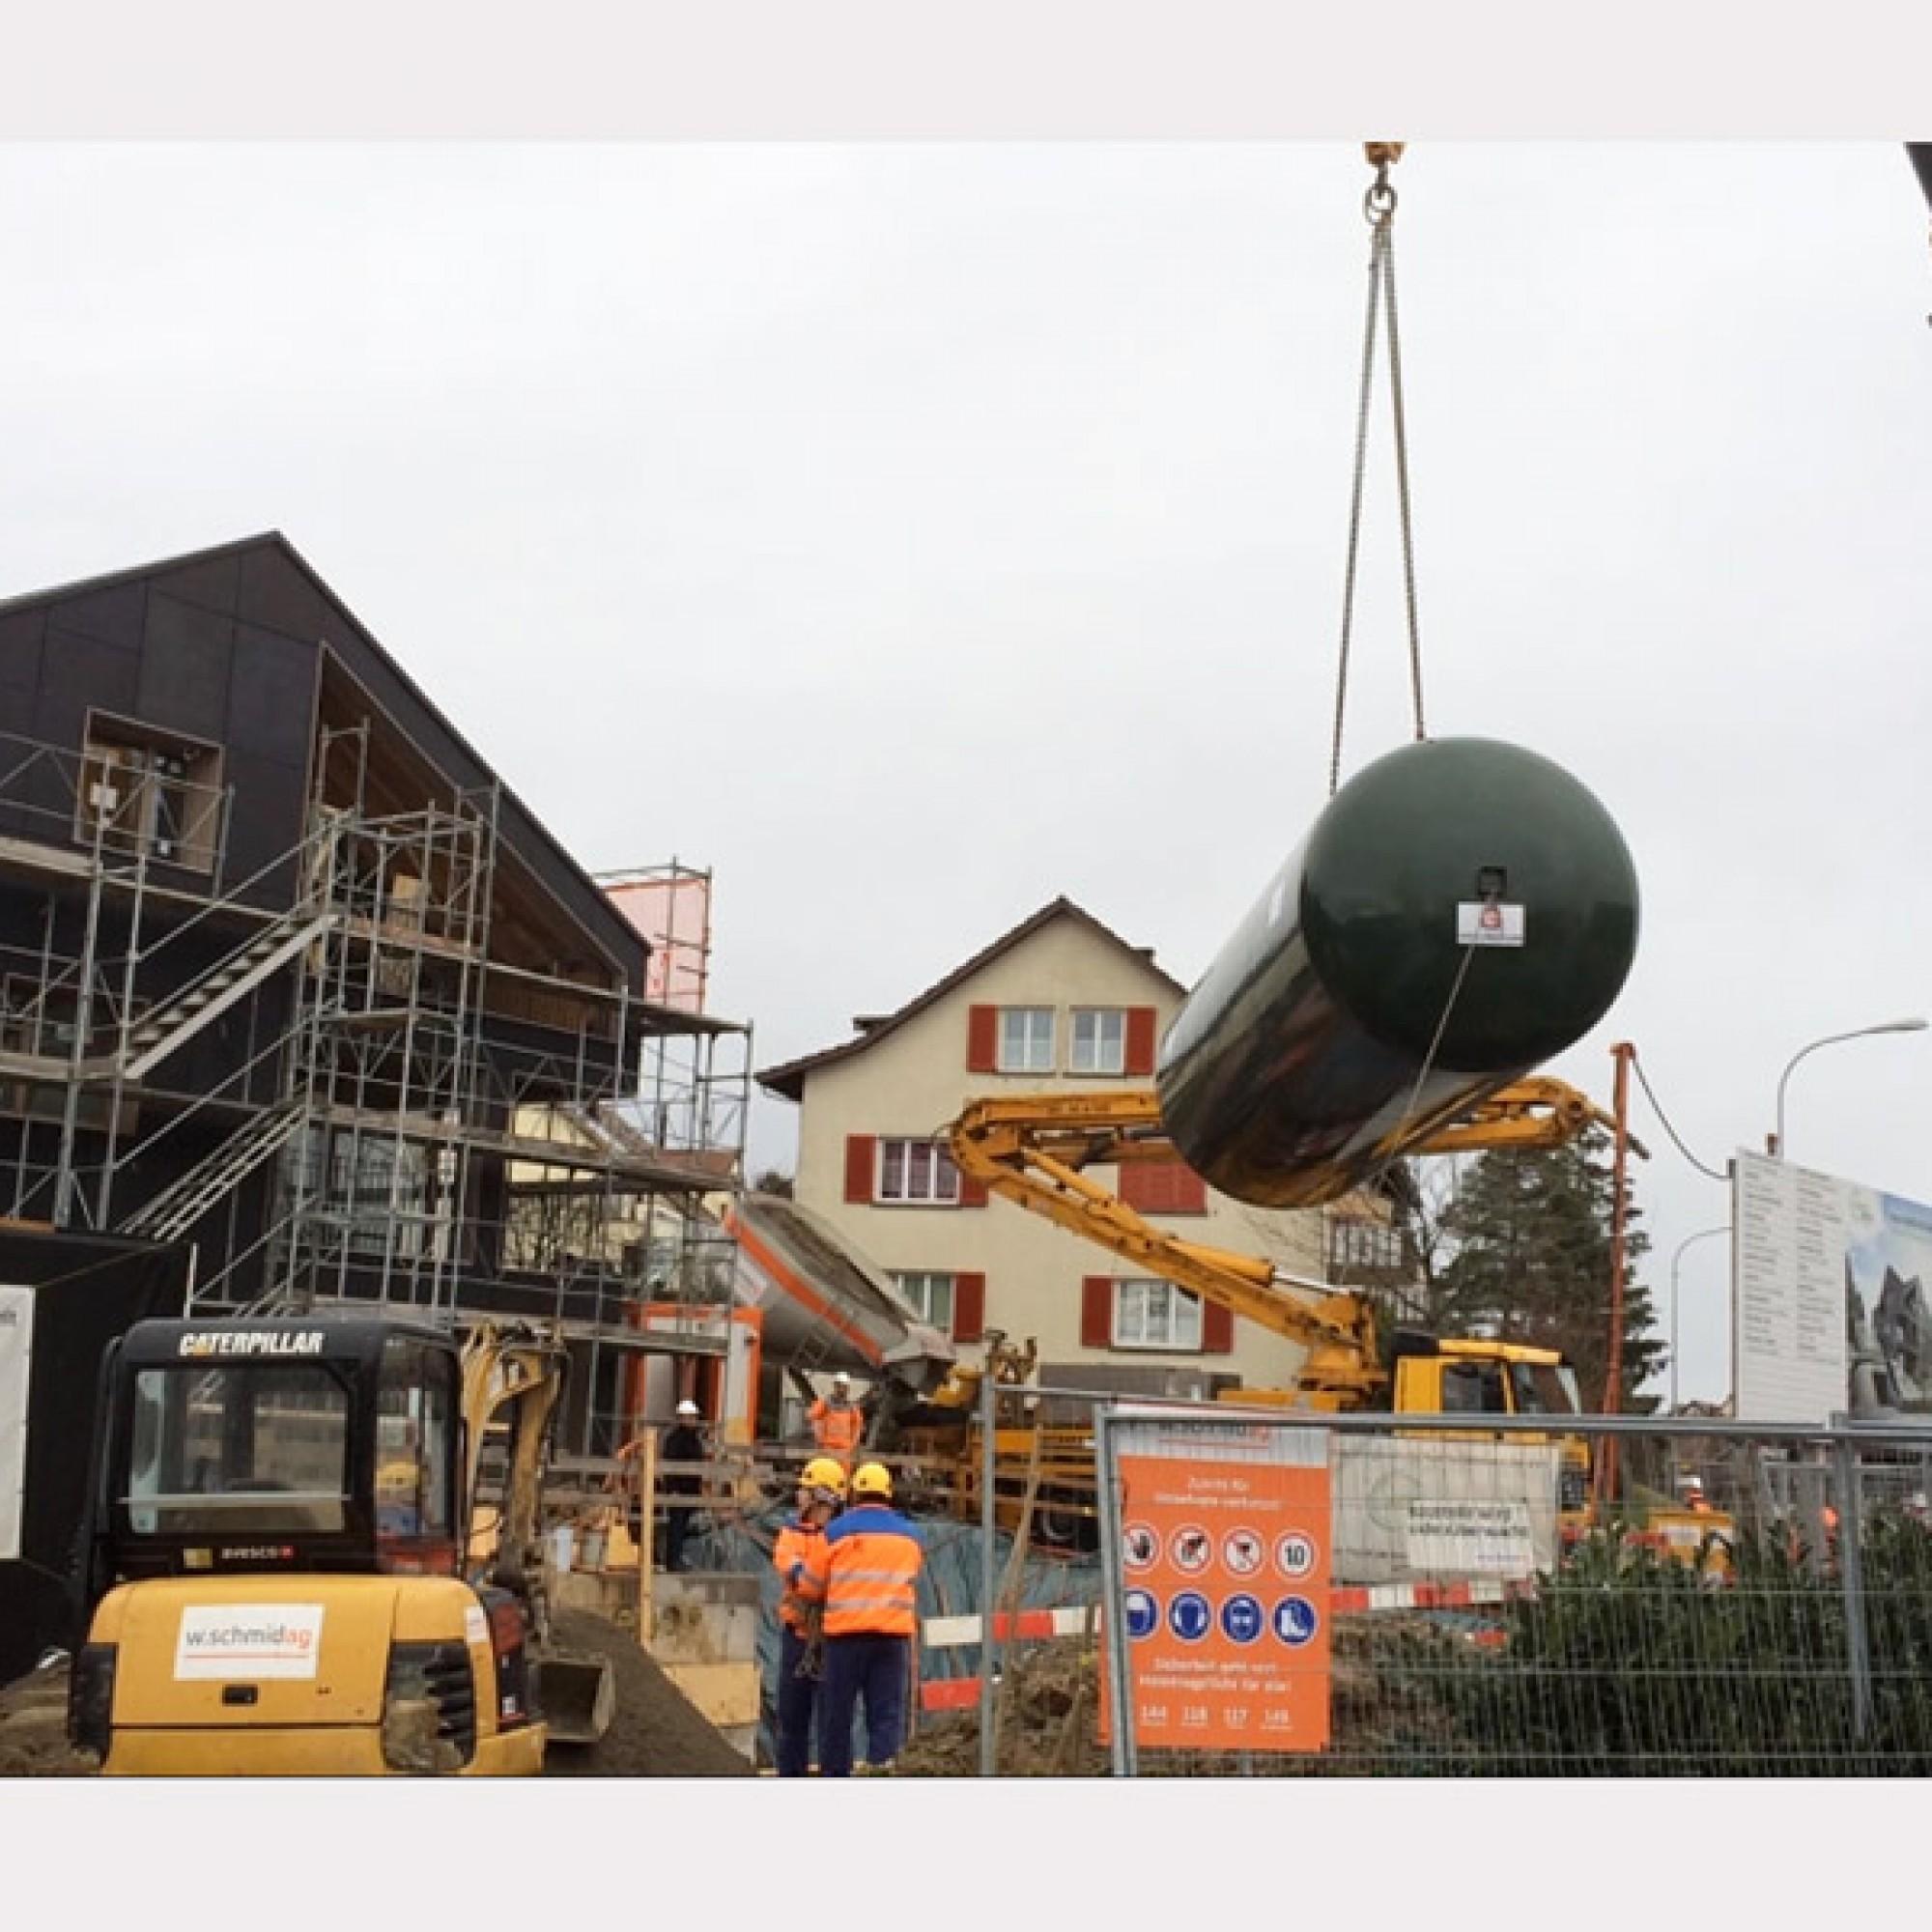 Die Wasserstofftanks werden angeliefert (Bilder zvg)